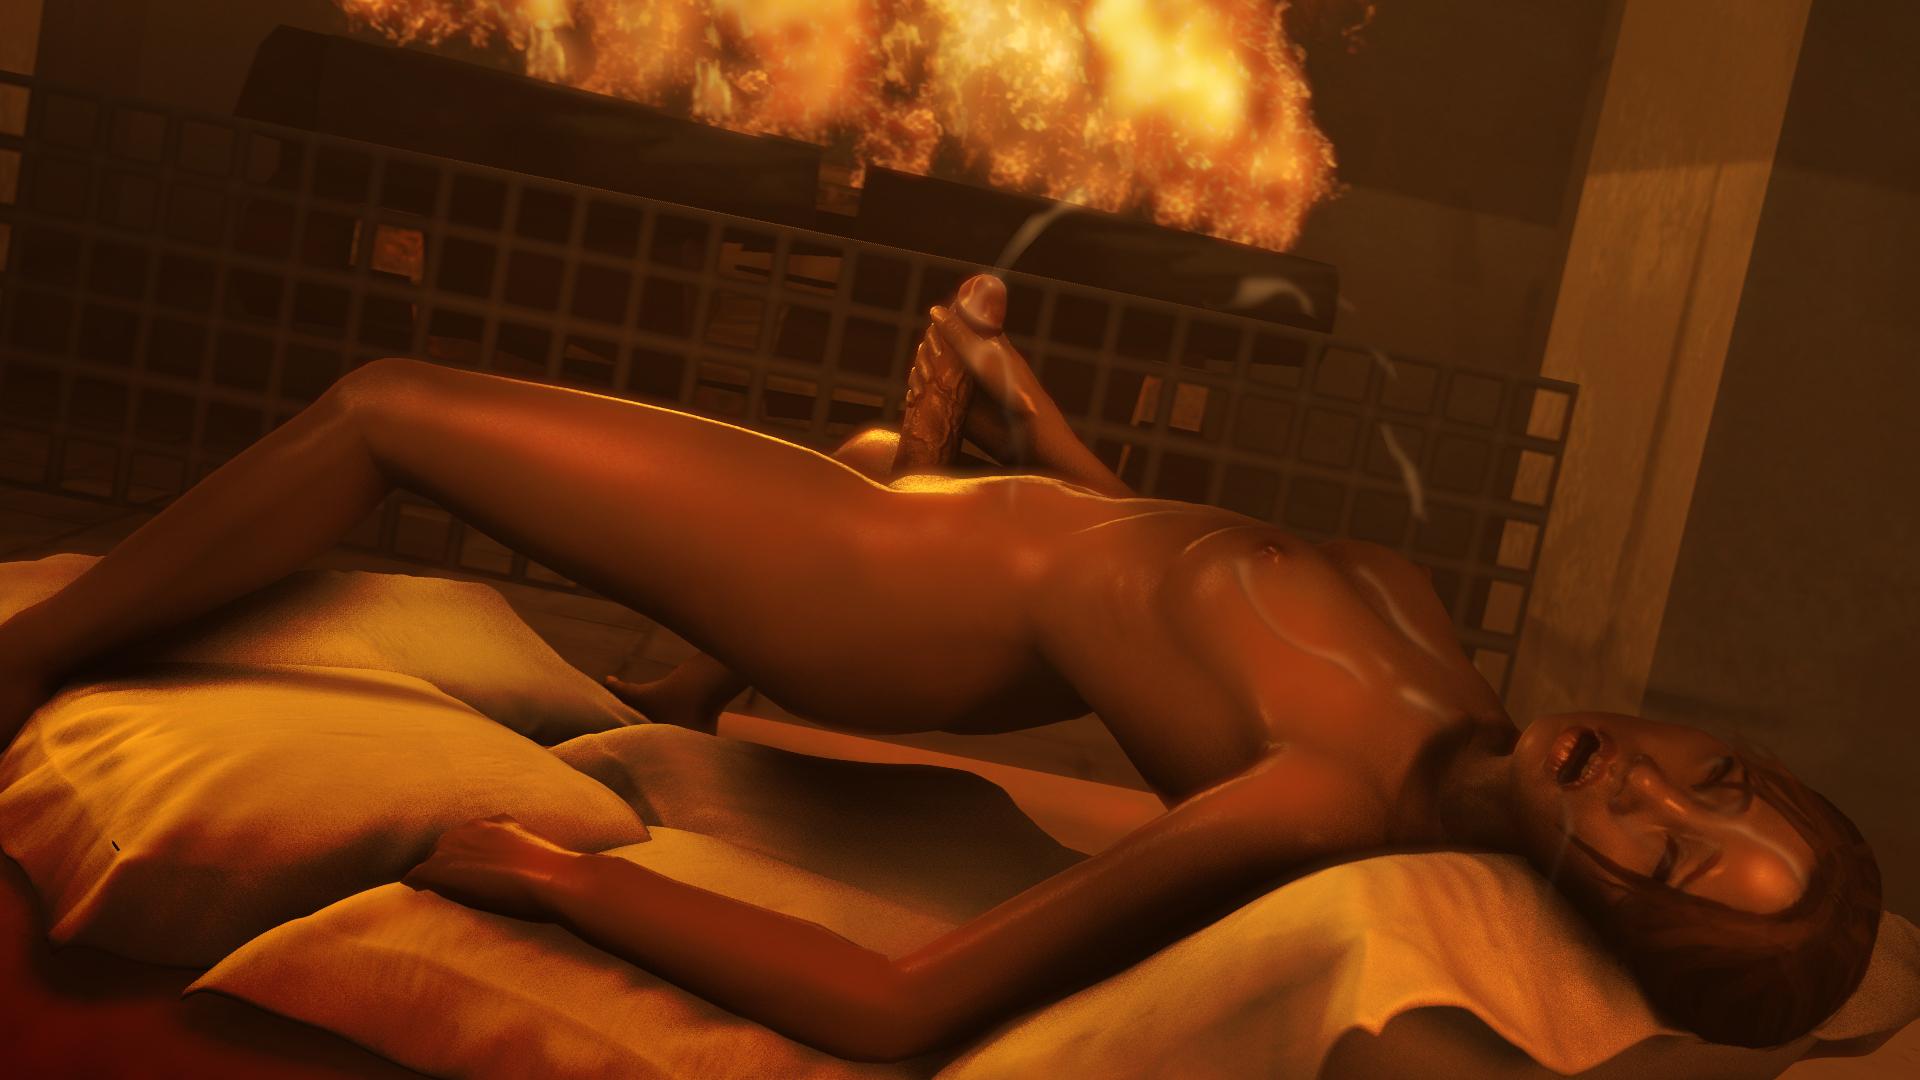 Postal2 nude patch porn scenes